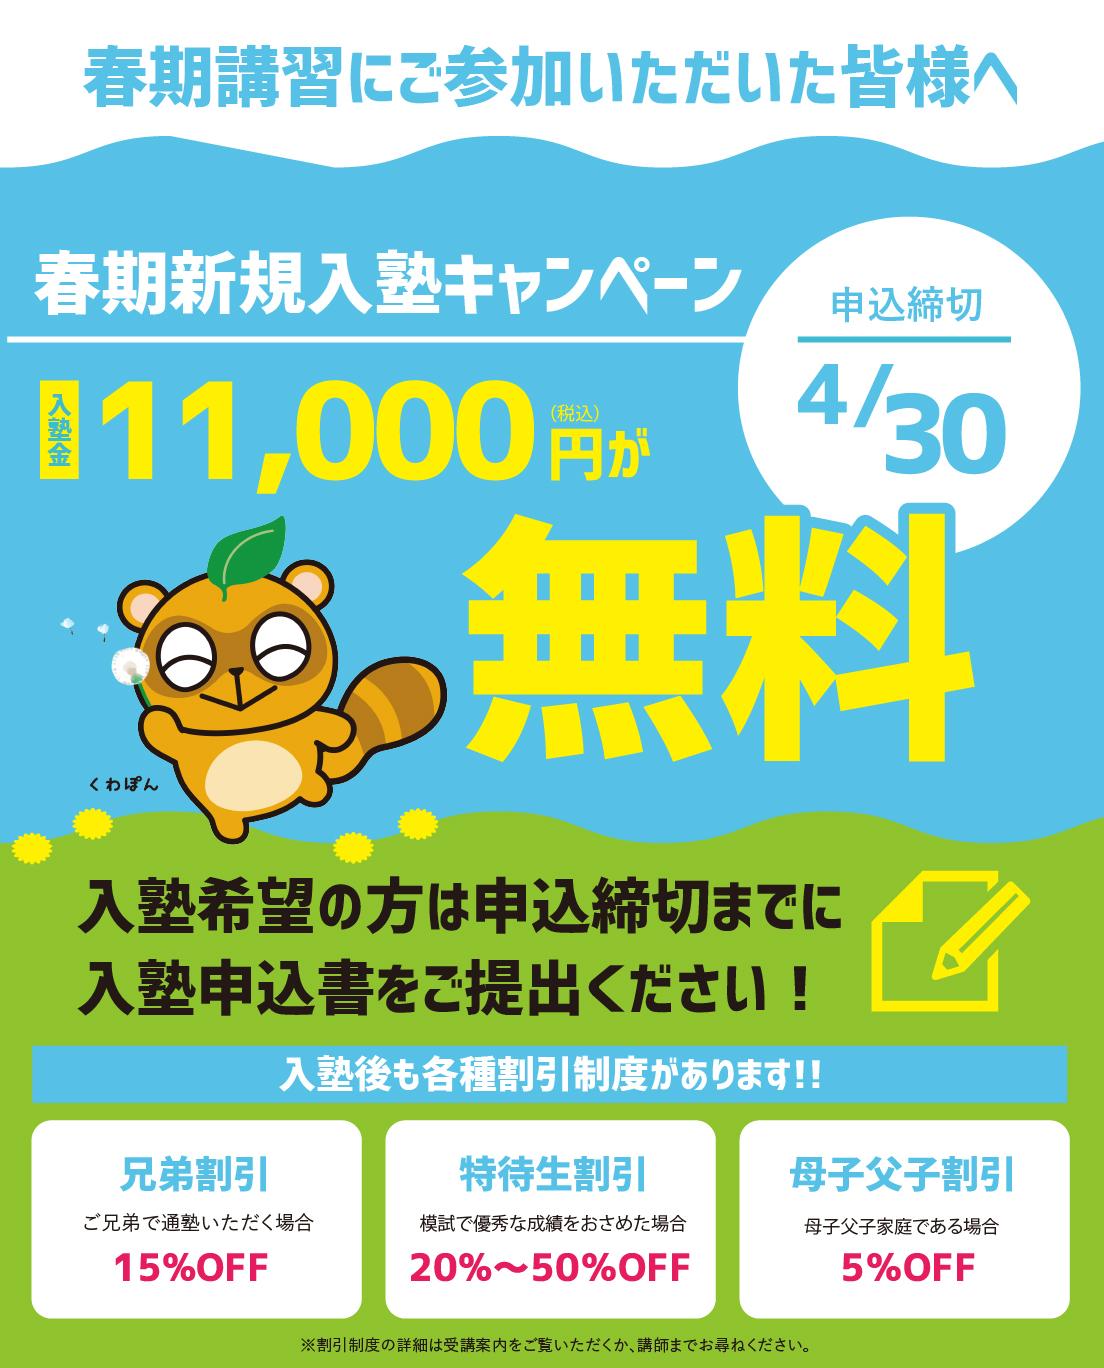 春期講習新規入塾キャンペーン 11000円が無料